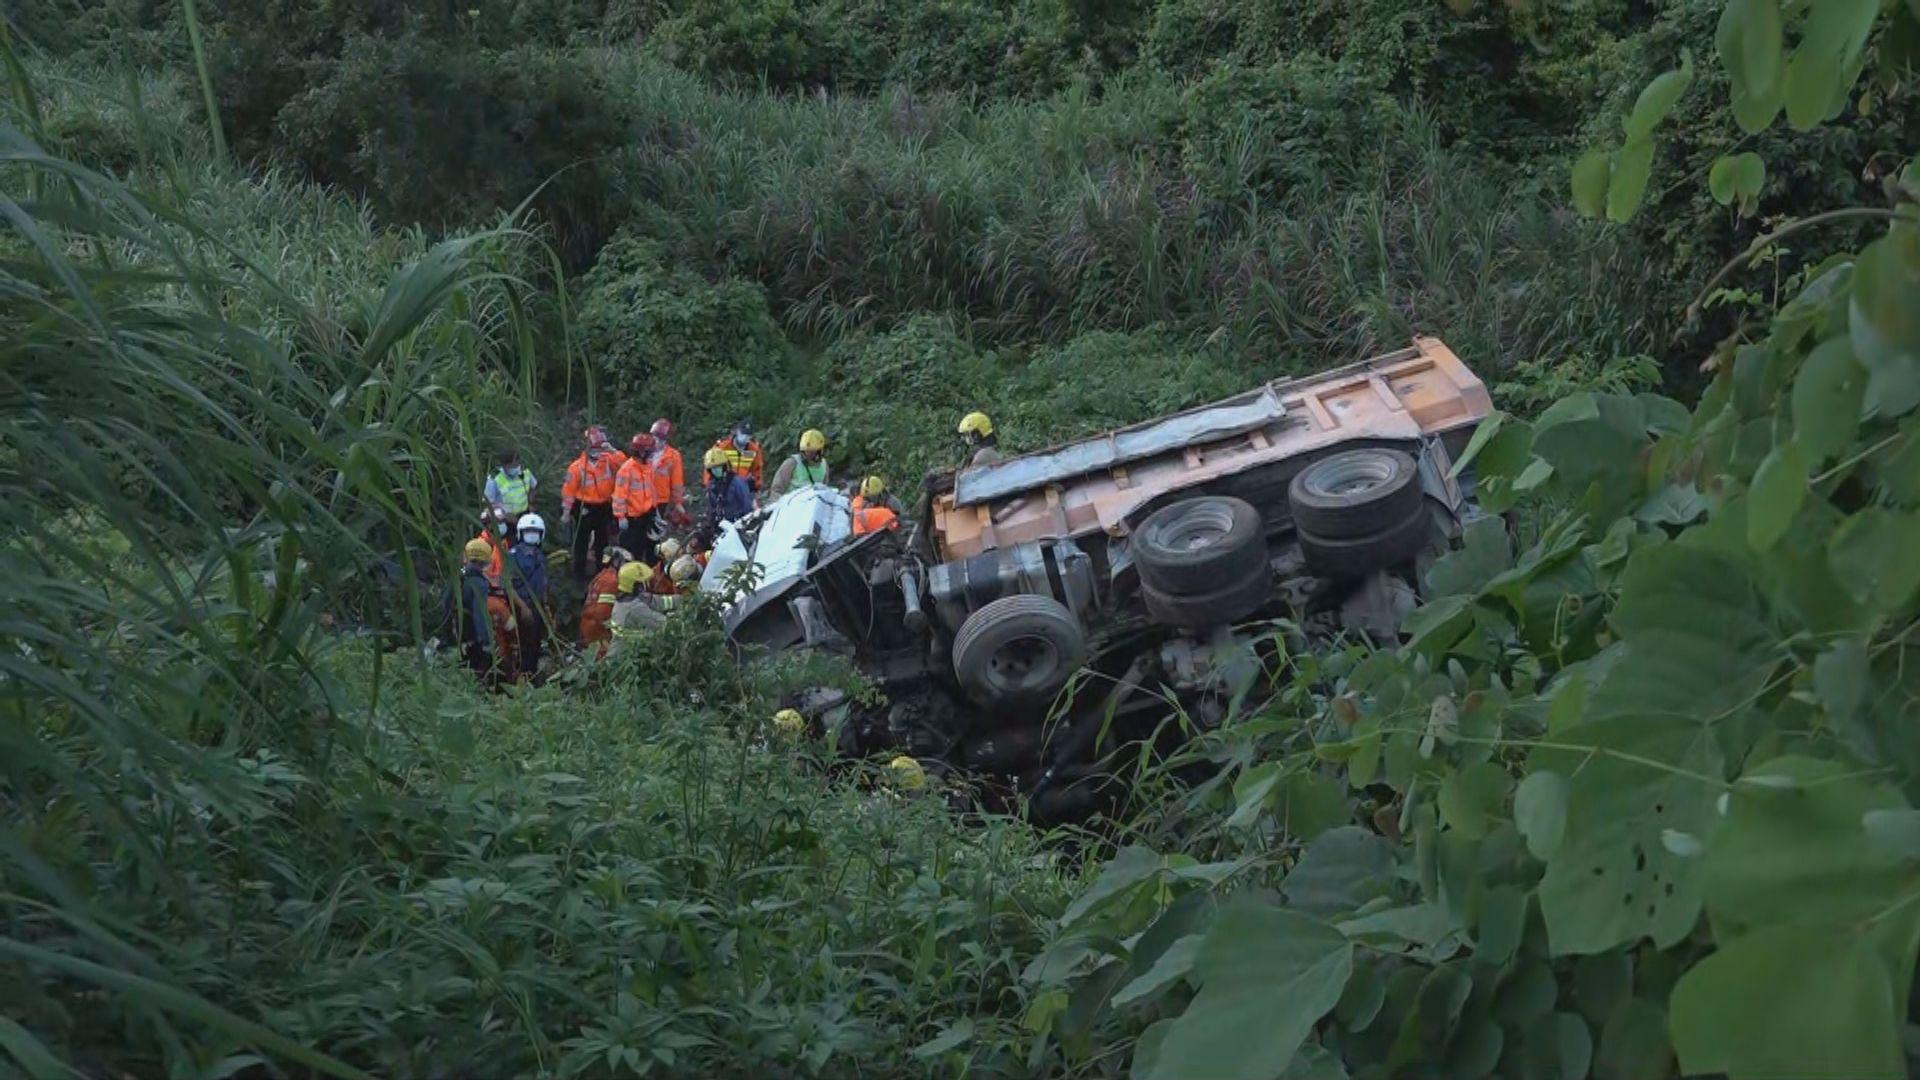 泥頭車八鄉失控衝落山坡 司機昏迷被困